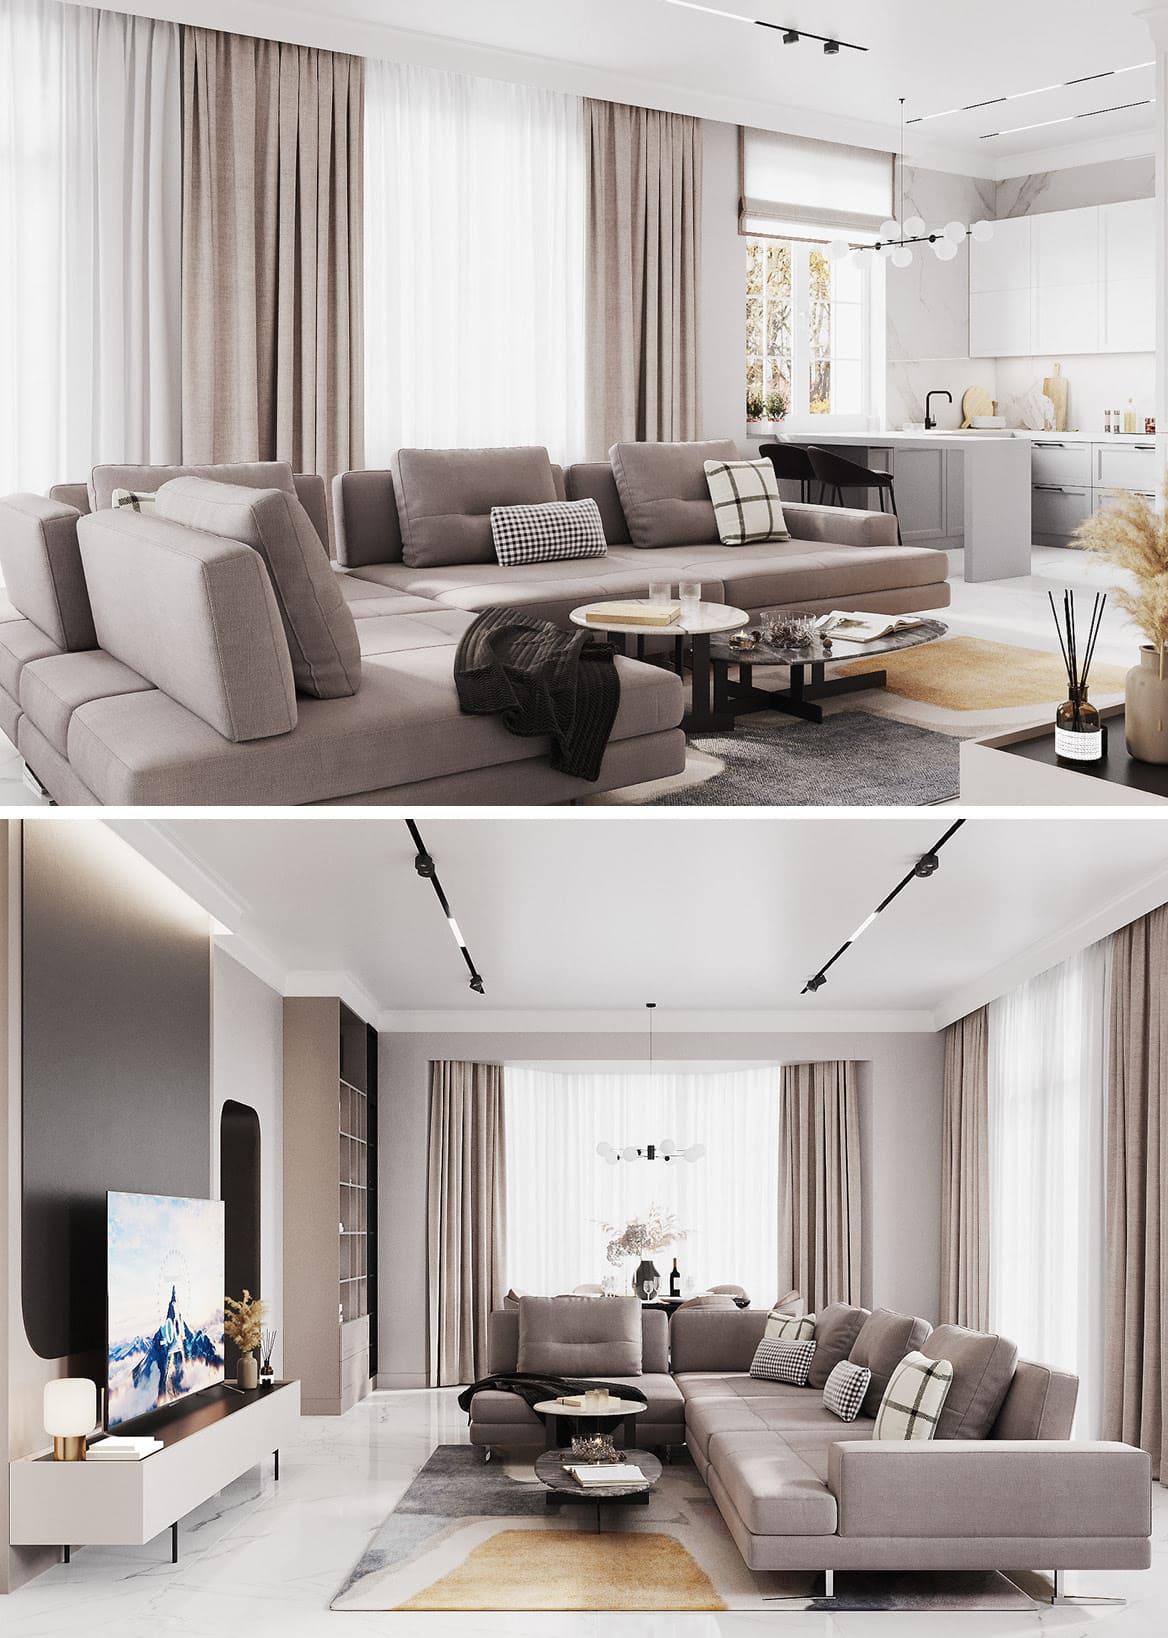 гостиная идеи дизайна 6